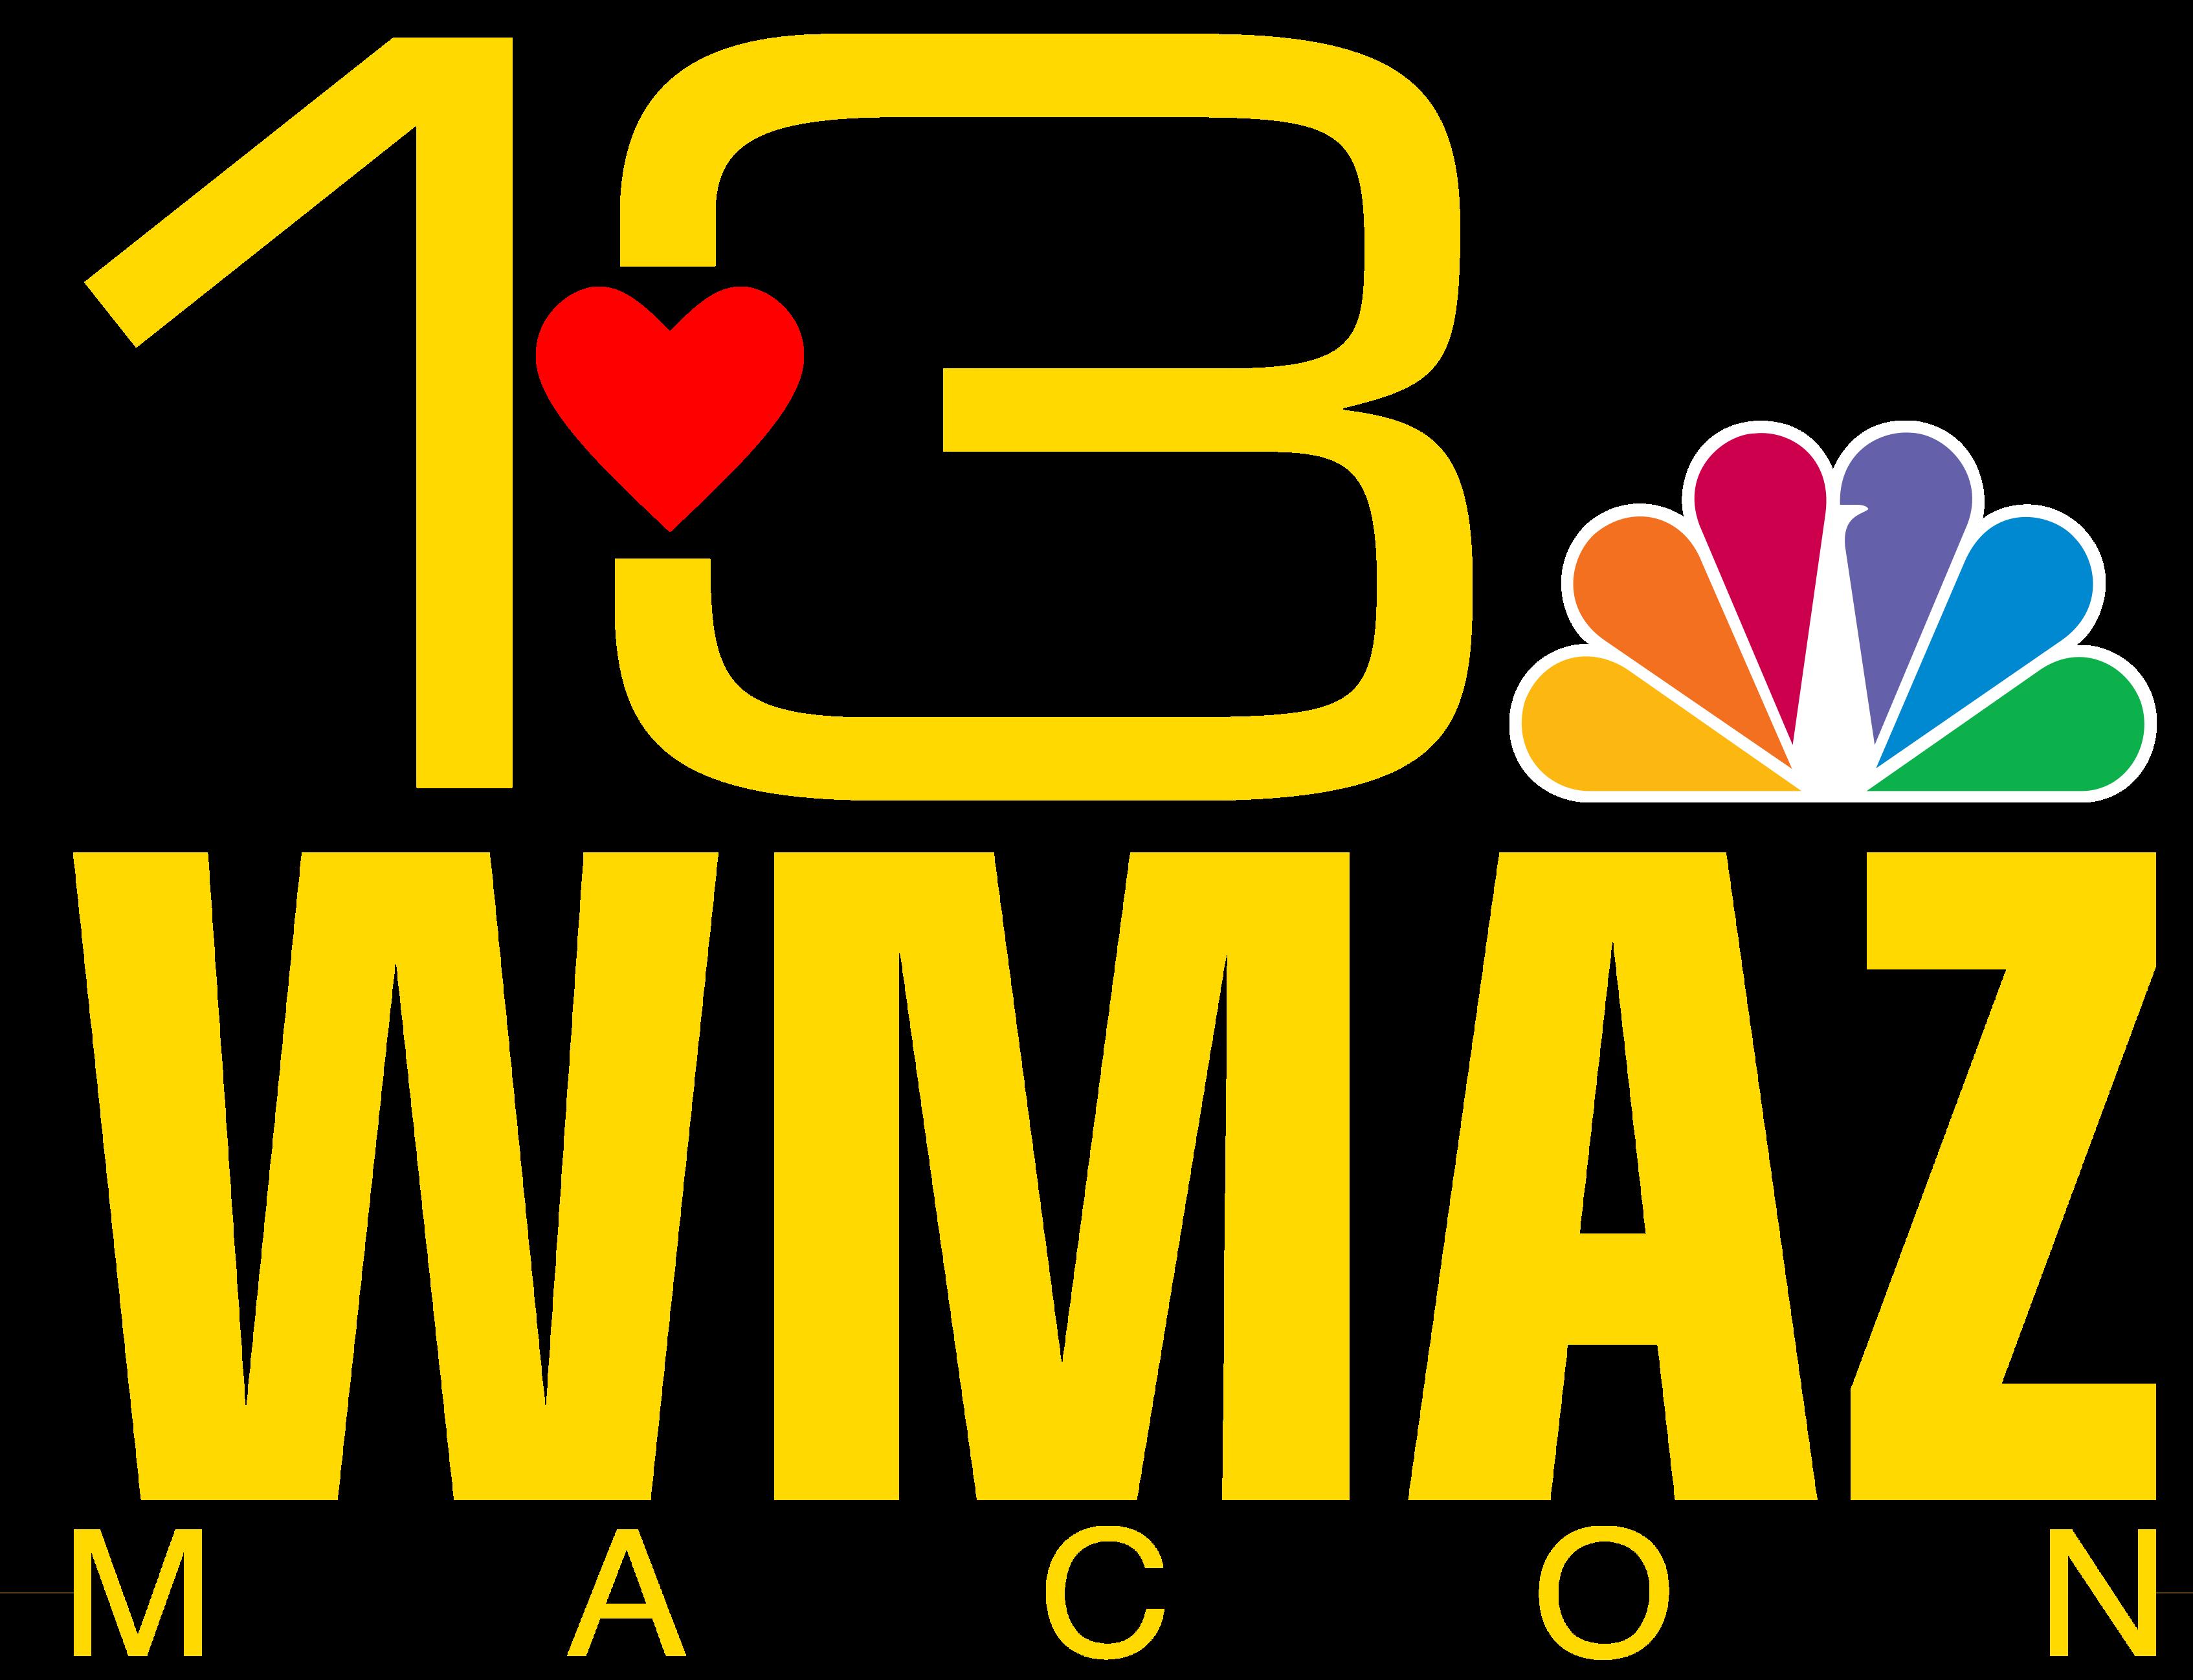 AlternateHistory.com's WMAZ logo #1.png